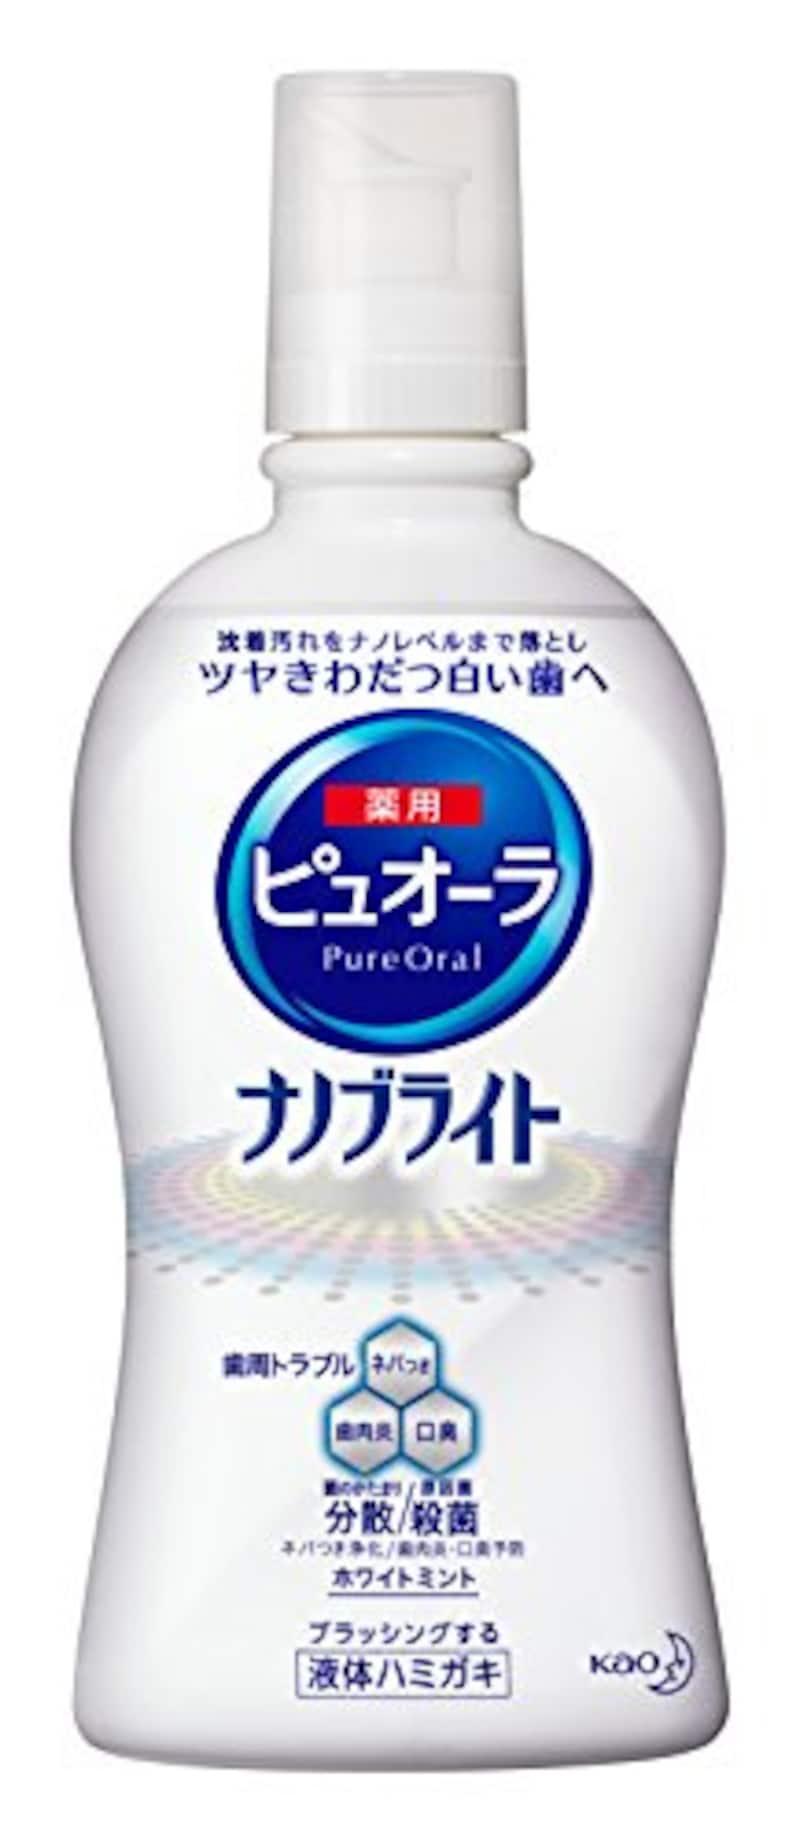 Kao(花王),ピュオーラ ナノブライト